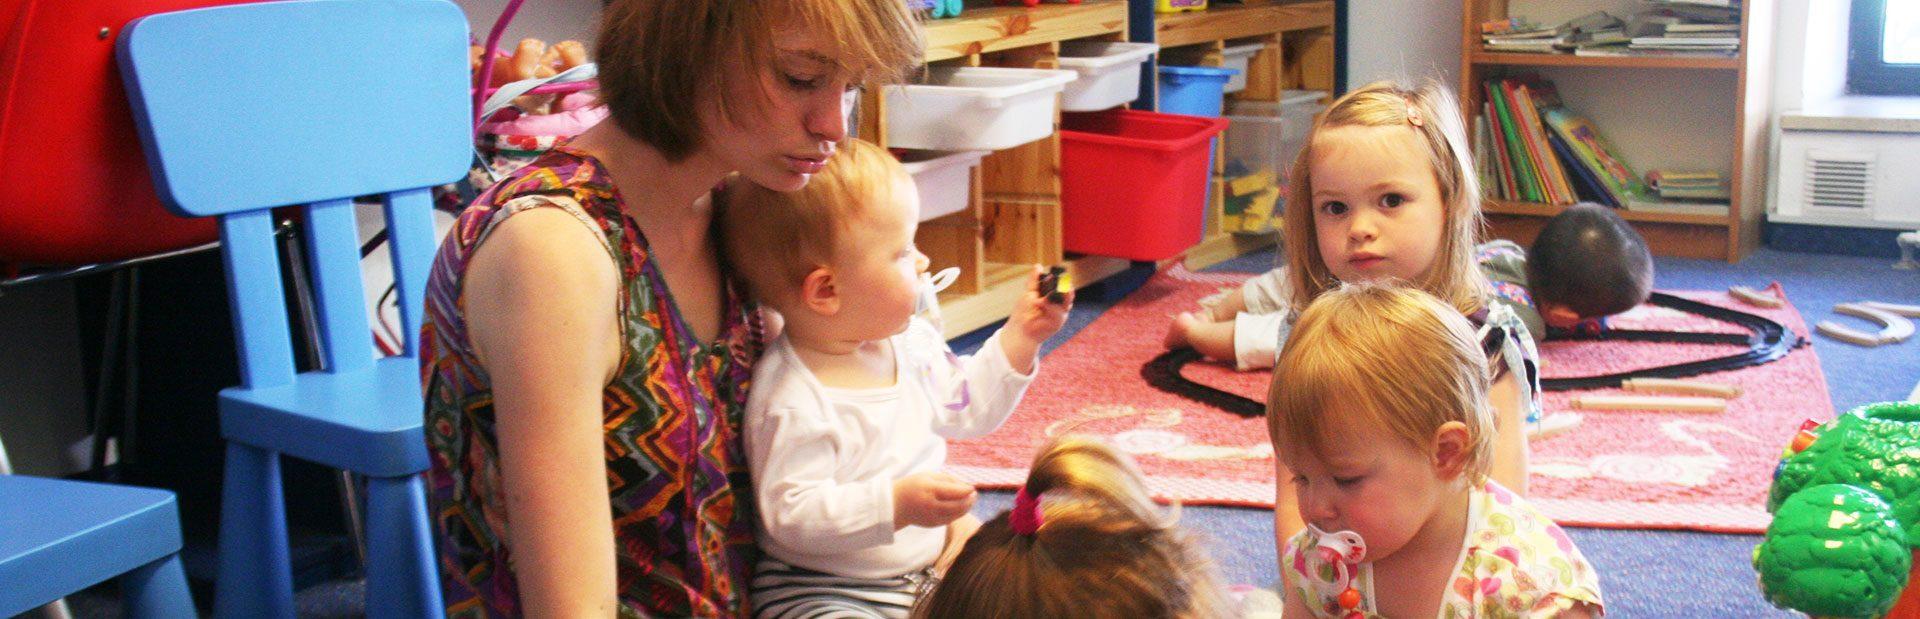 DESK Sprachkursein München und Herrsching, Kinderbetreuung, Babysitting für Eltern im Unterricht